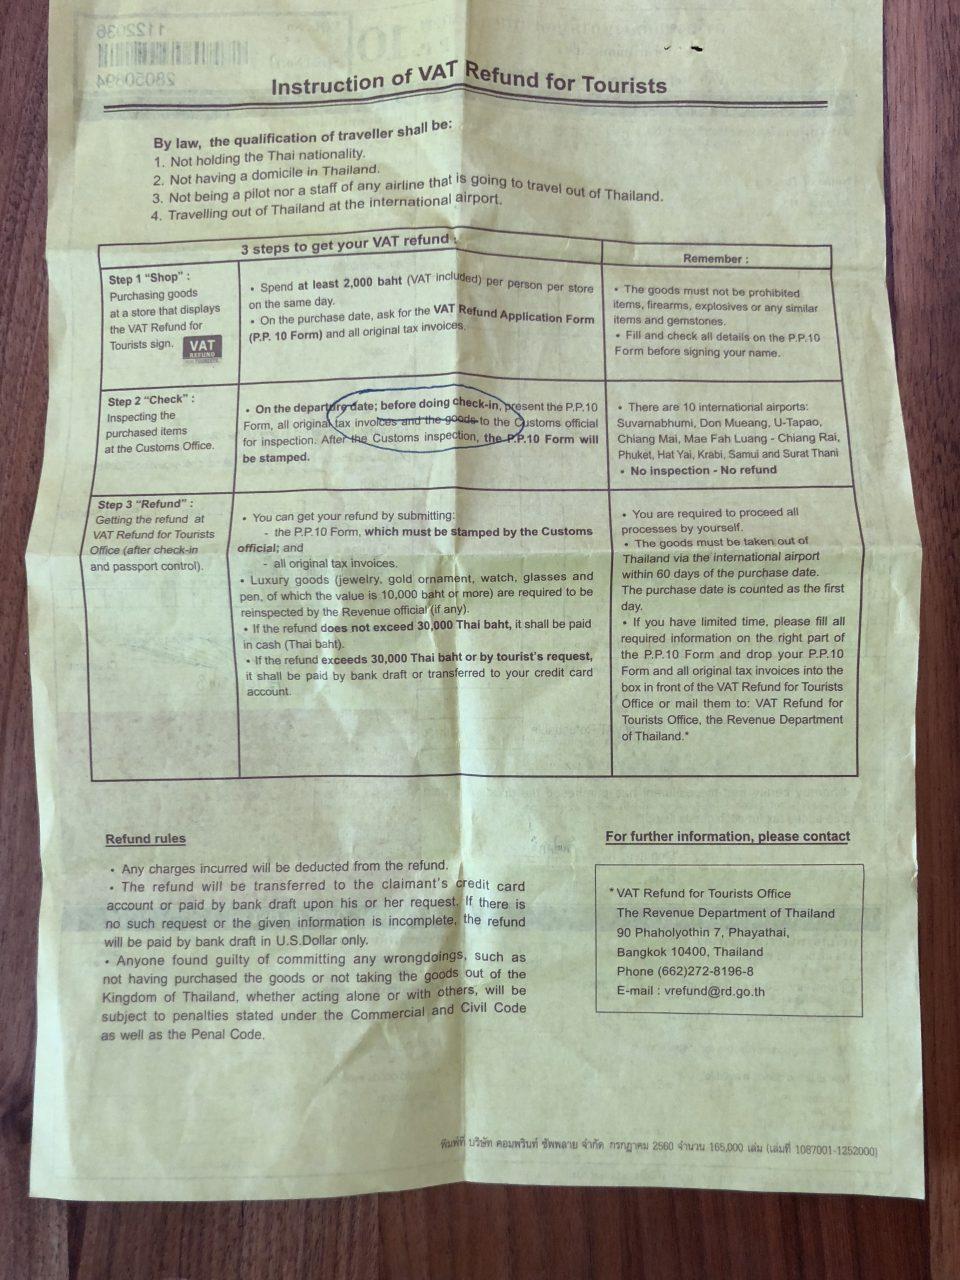 VAT Refund in Thailand